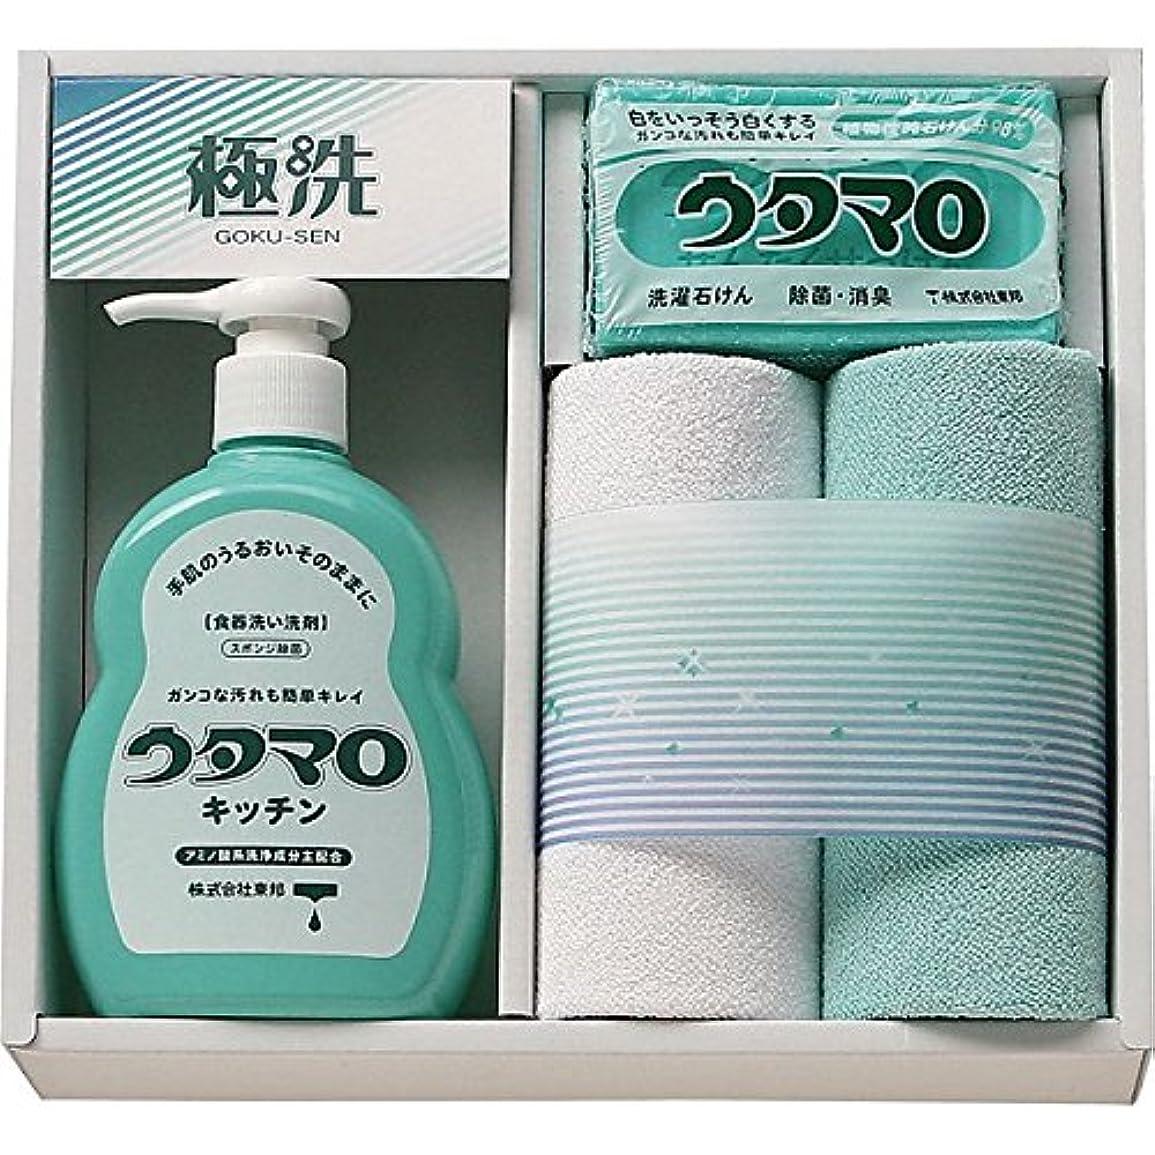 本を読むホールドオールイソギンチャク(ウタマロ) 石鹸?キッチン洗剤ギフト (835-1054r)